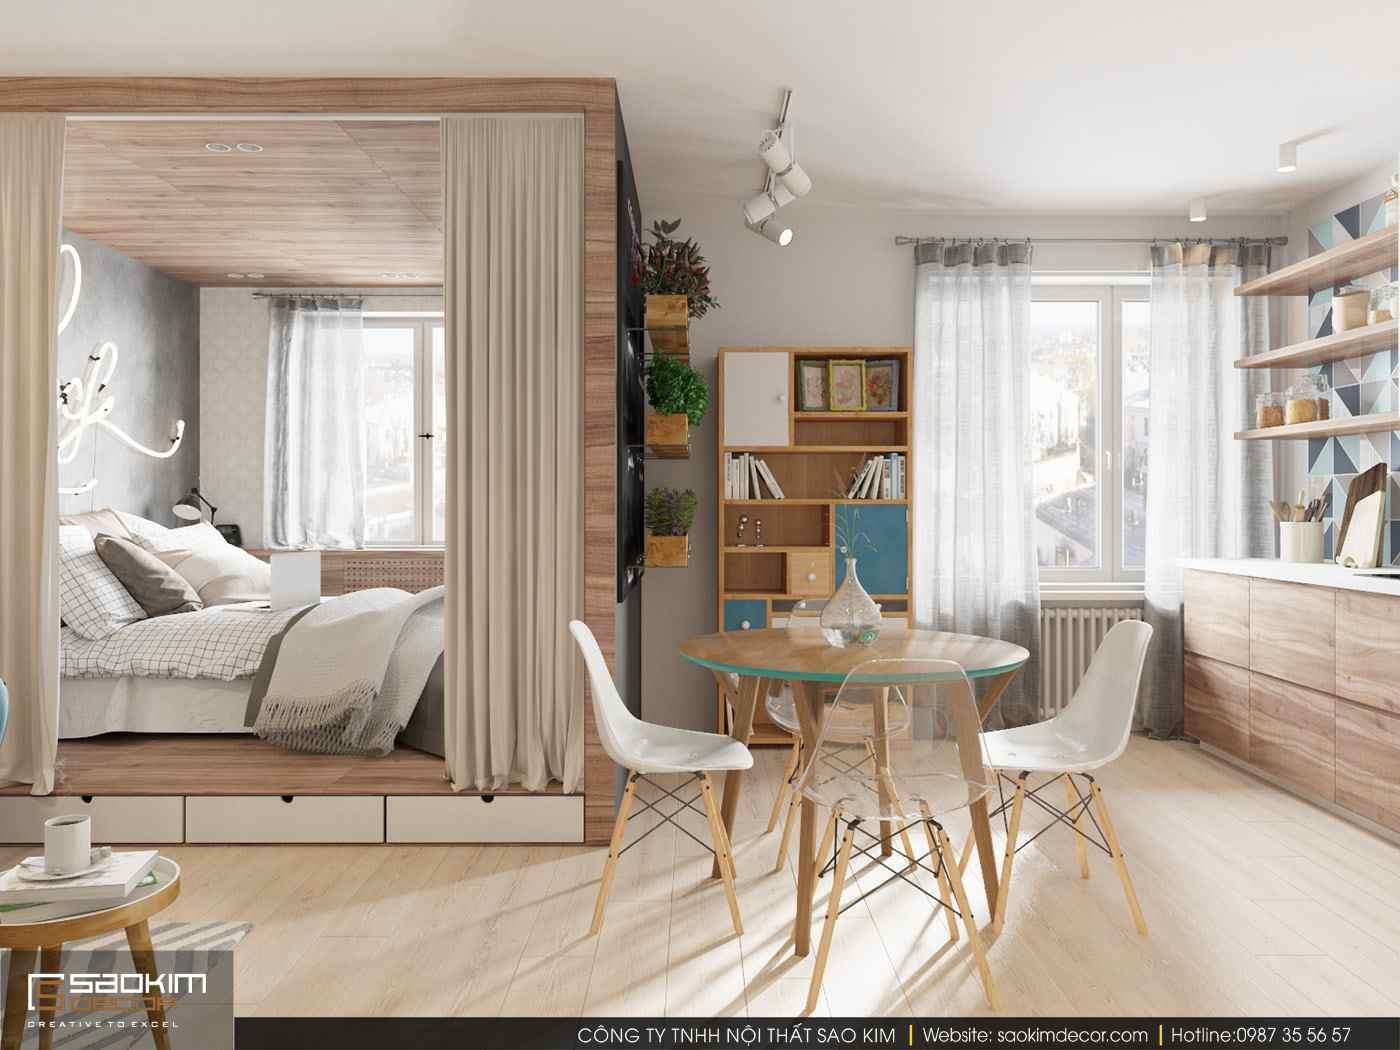 Thiết kế chung cư mini 30m2 theo phong cách scandinavian